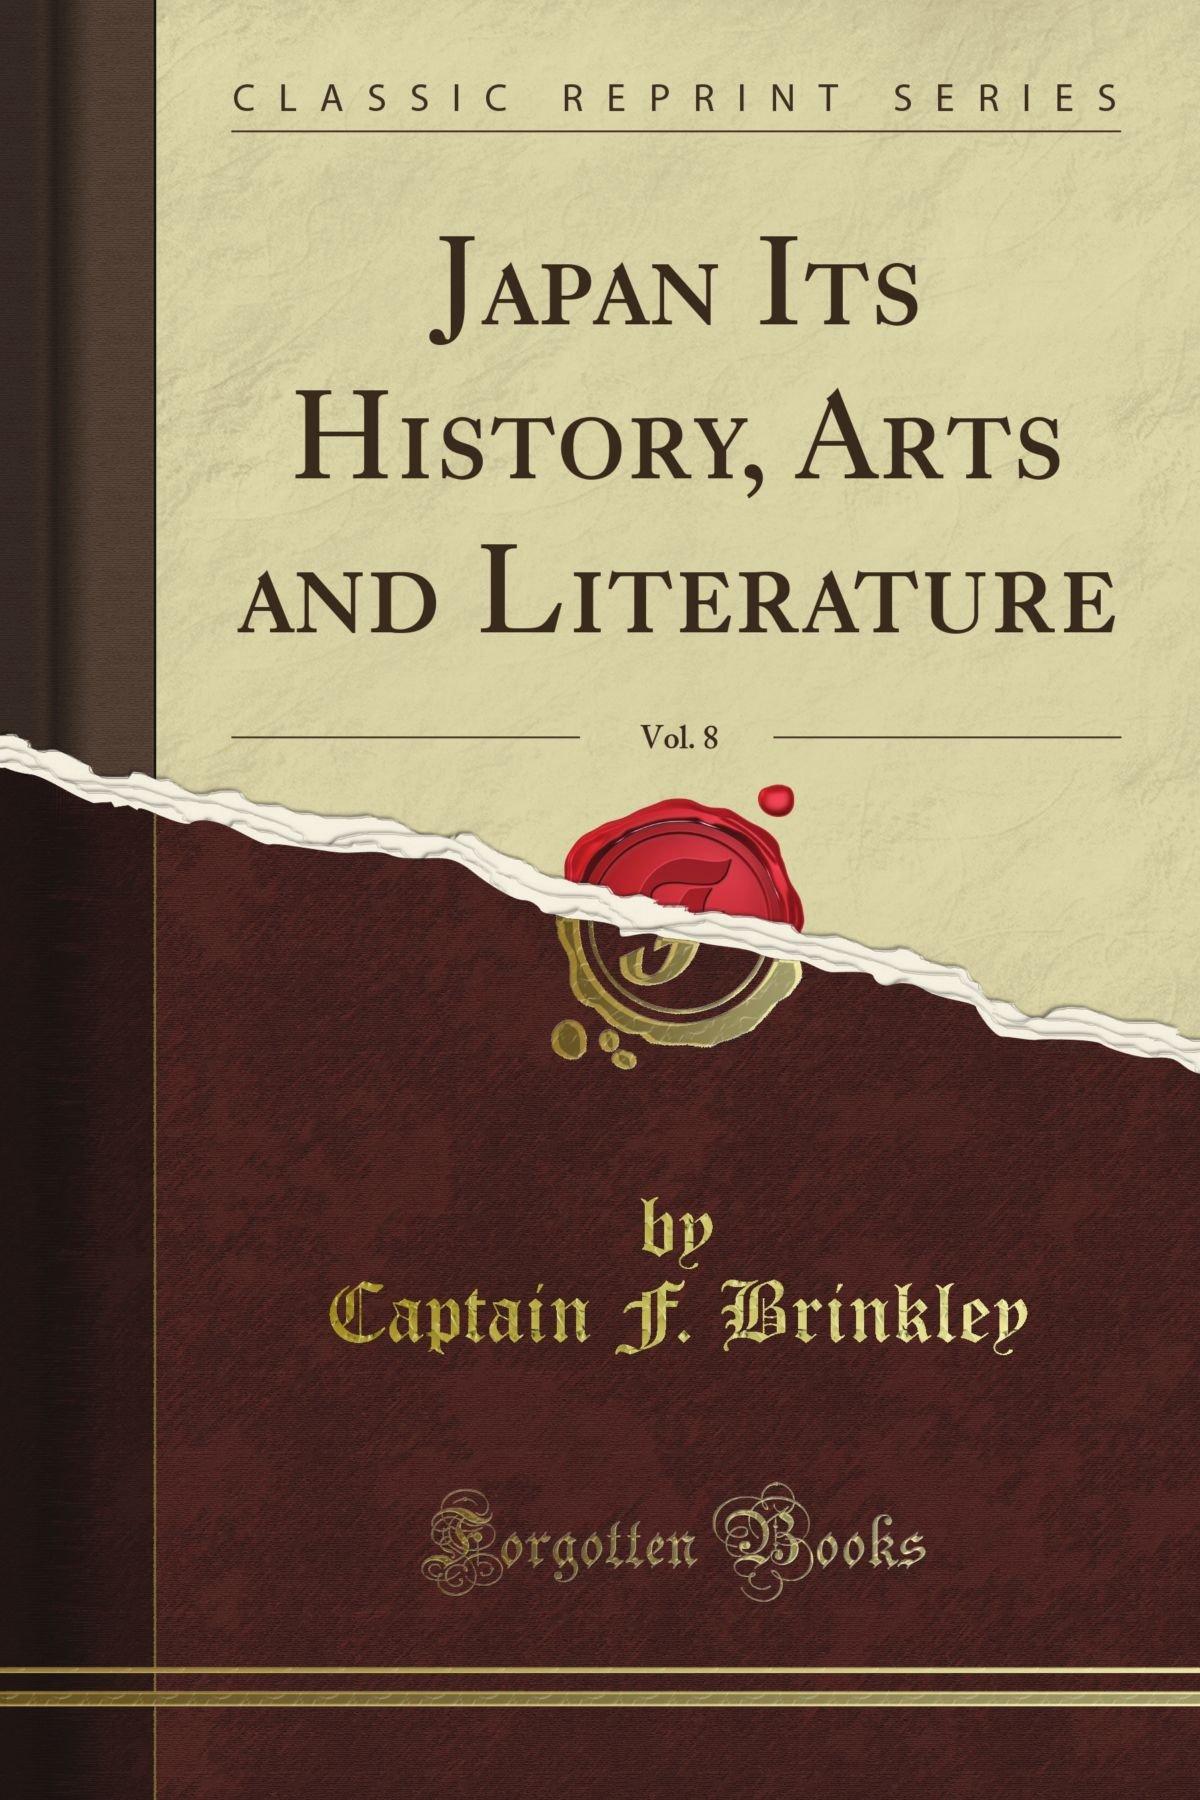 Japan Its History, Arts and Literature, Vol. 8 (Classic Reprint) ebook